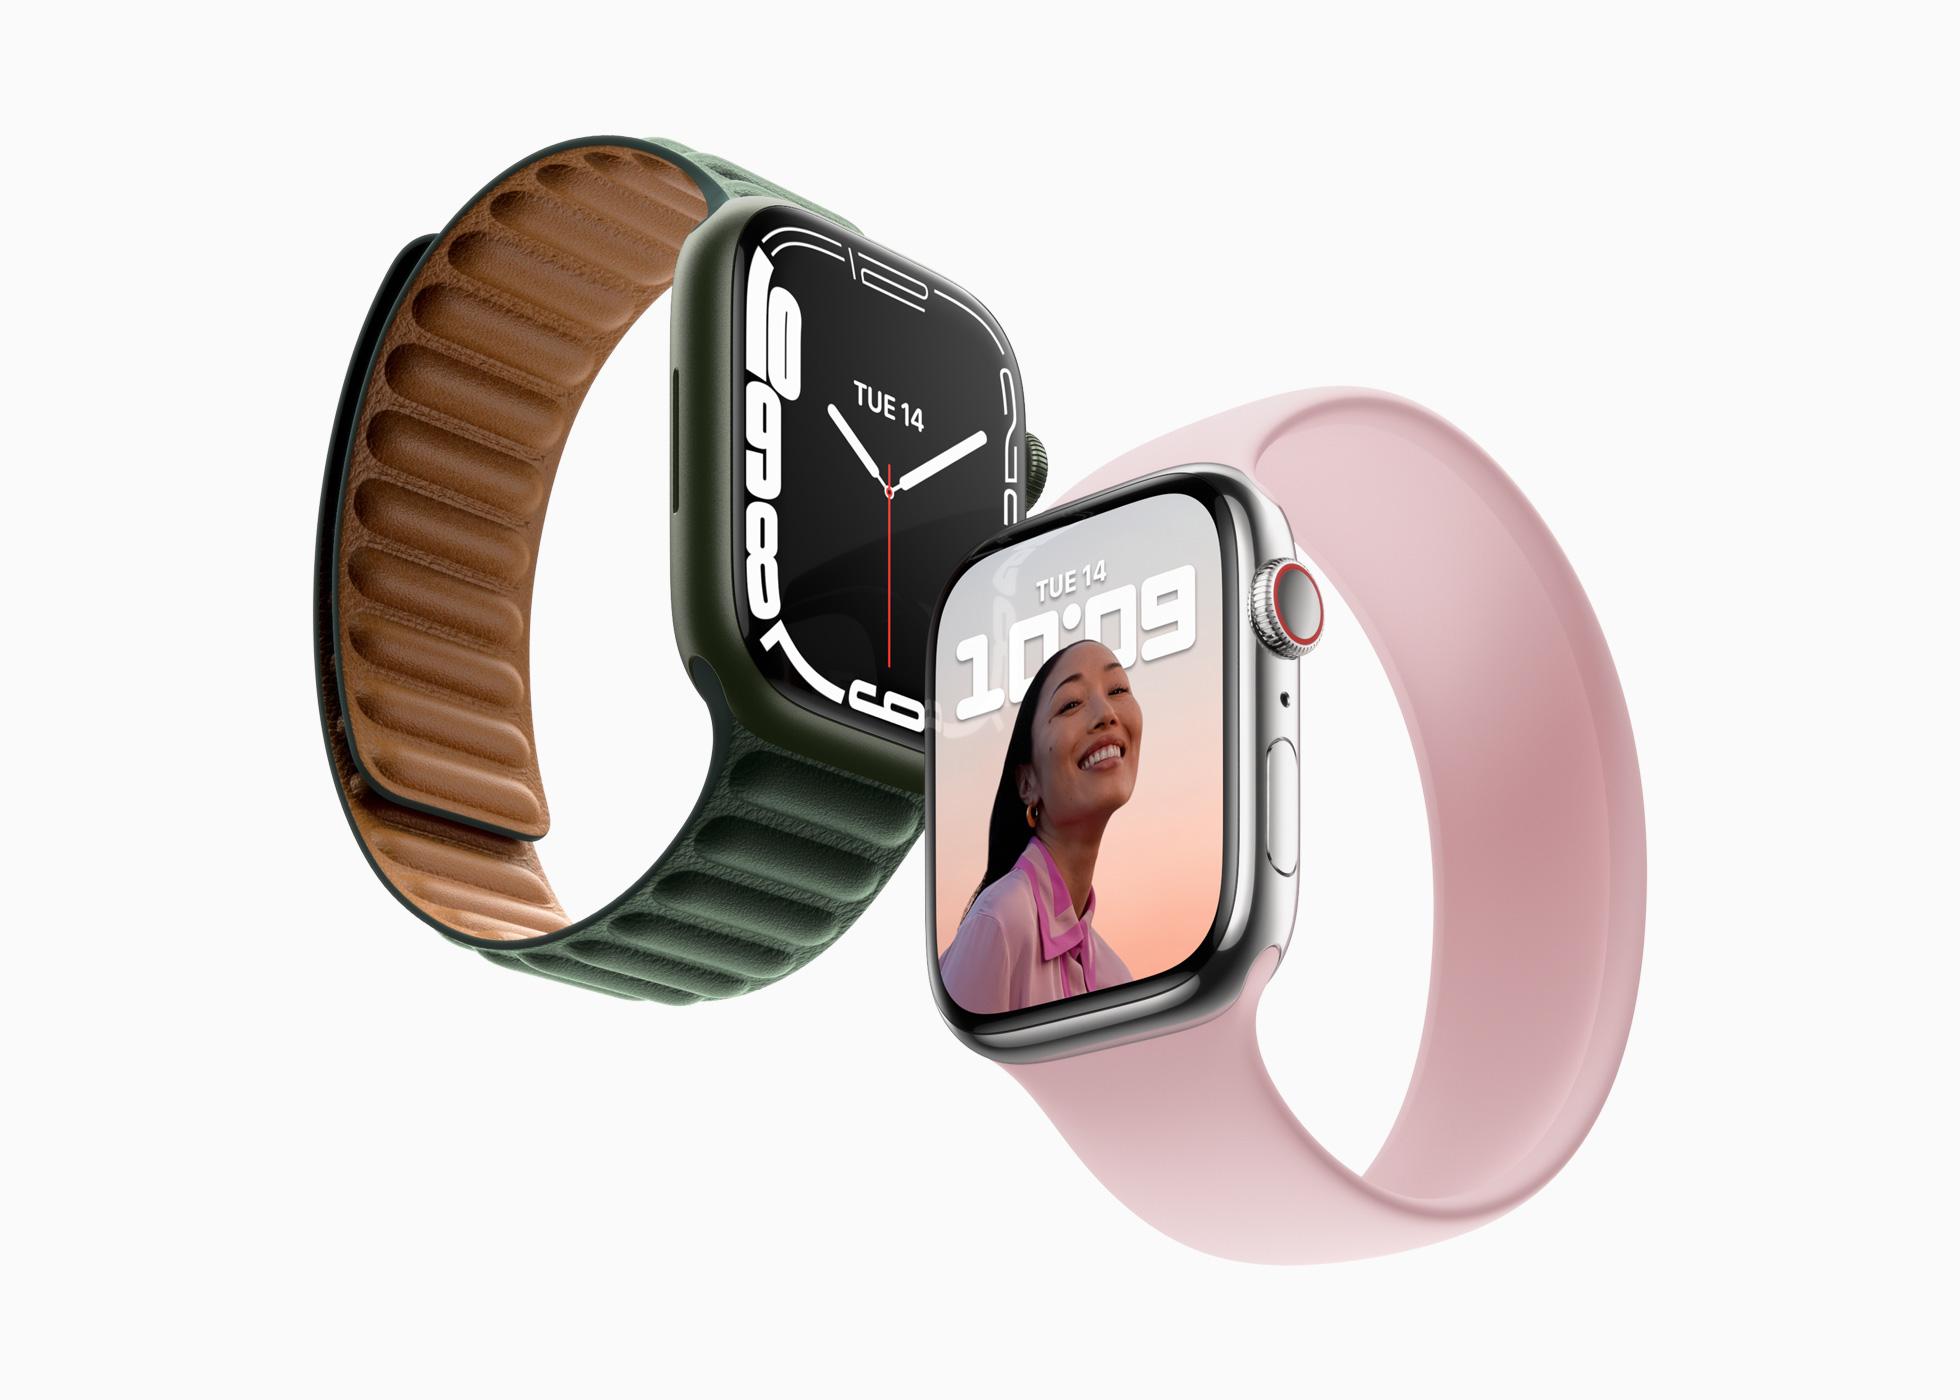 Apple Watch Series 7 จอภาพใหญ่ขึ้นและสวยล้ำกว่าเคย